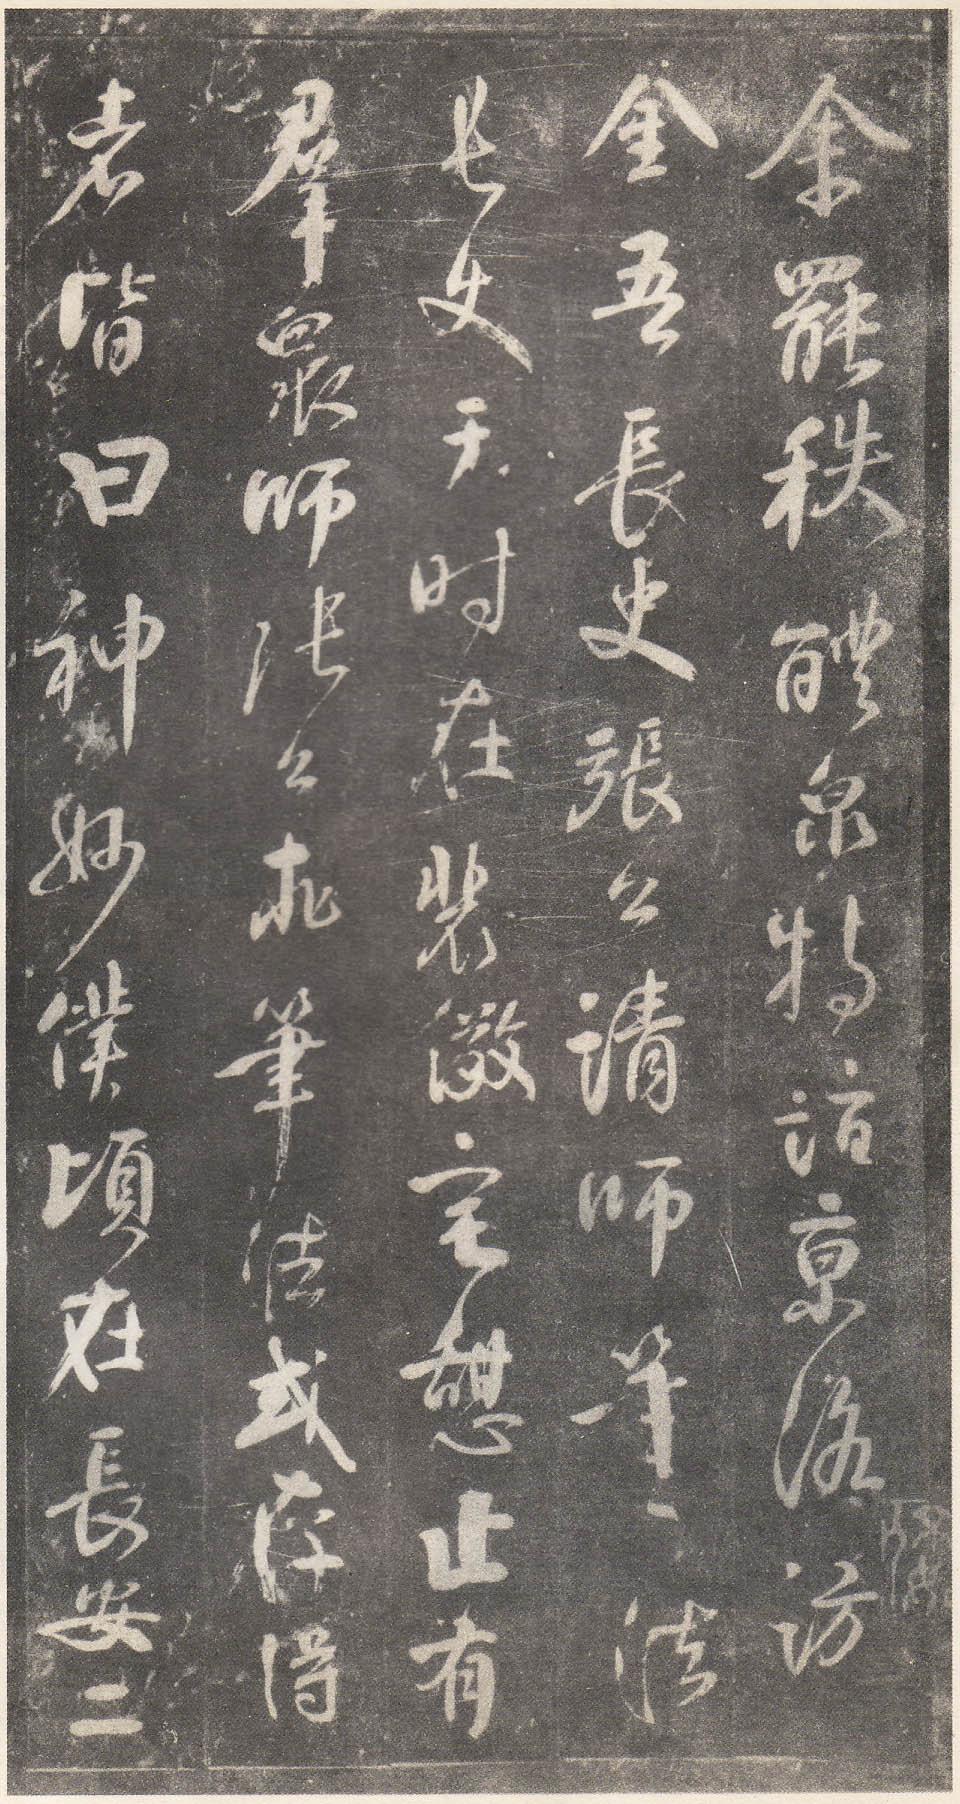 颜真卿述张长史笔法十二意 - 老排长 - 老排长(6660409)